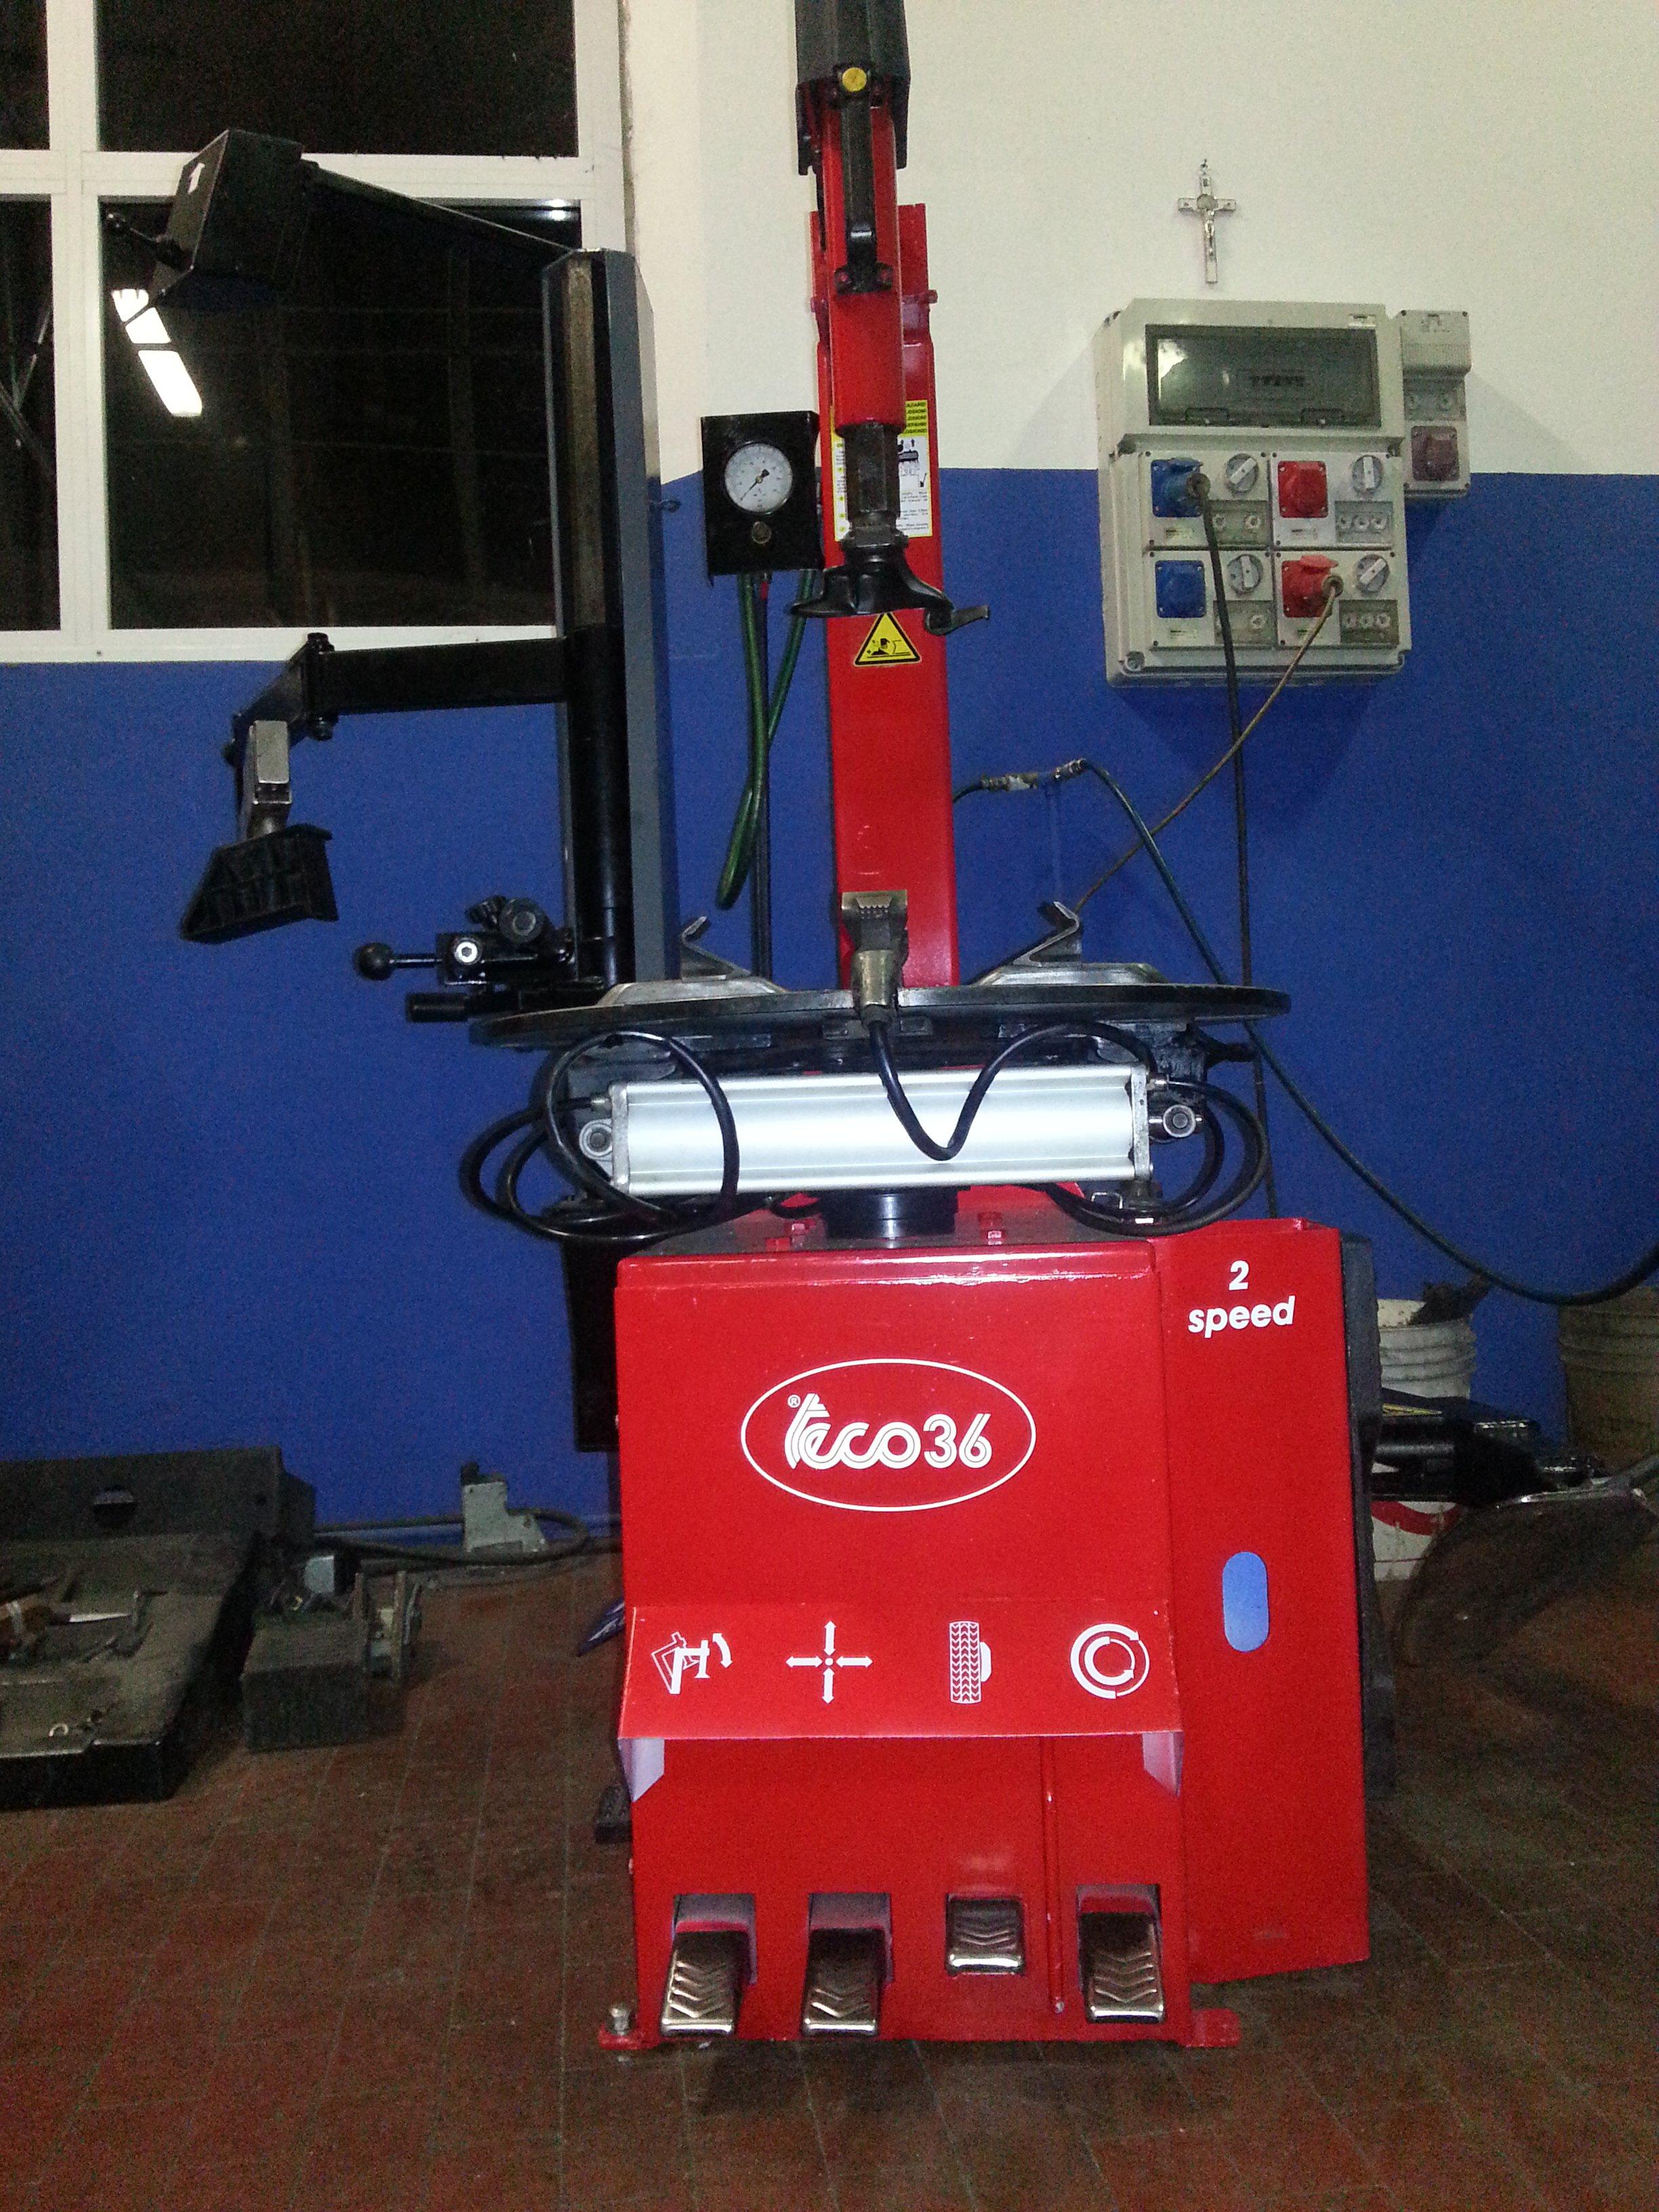 vista di un macchinario rosso che serve per la convergenza e l'equilibratura delle gomme